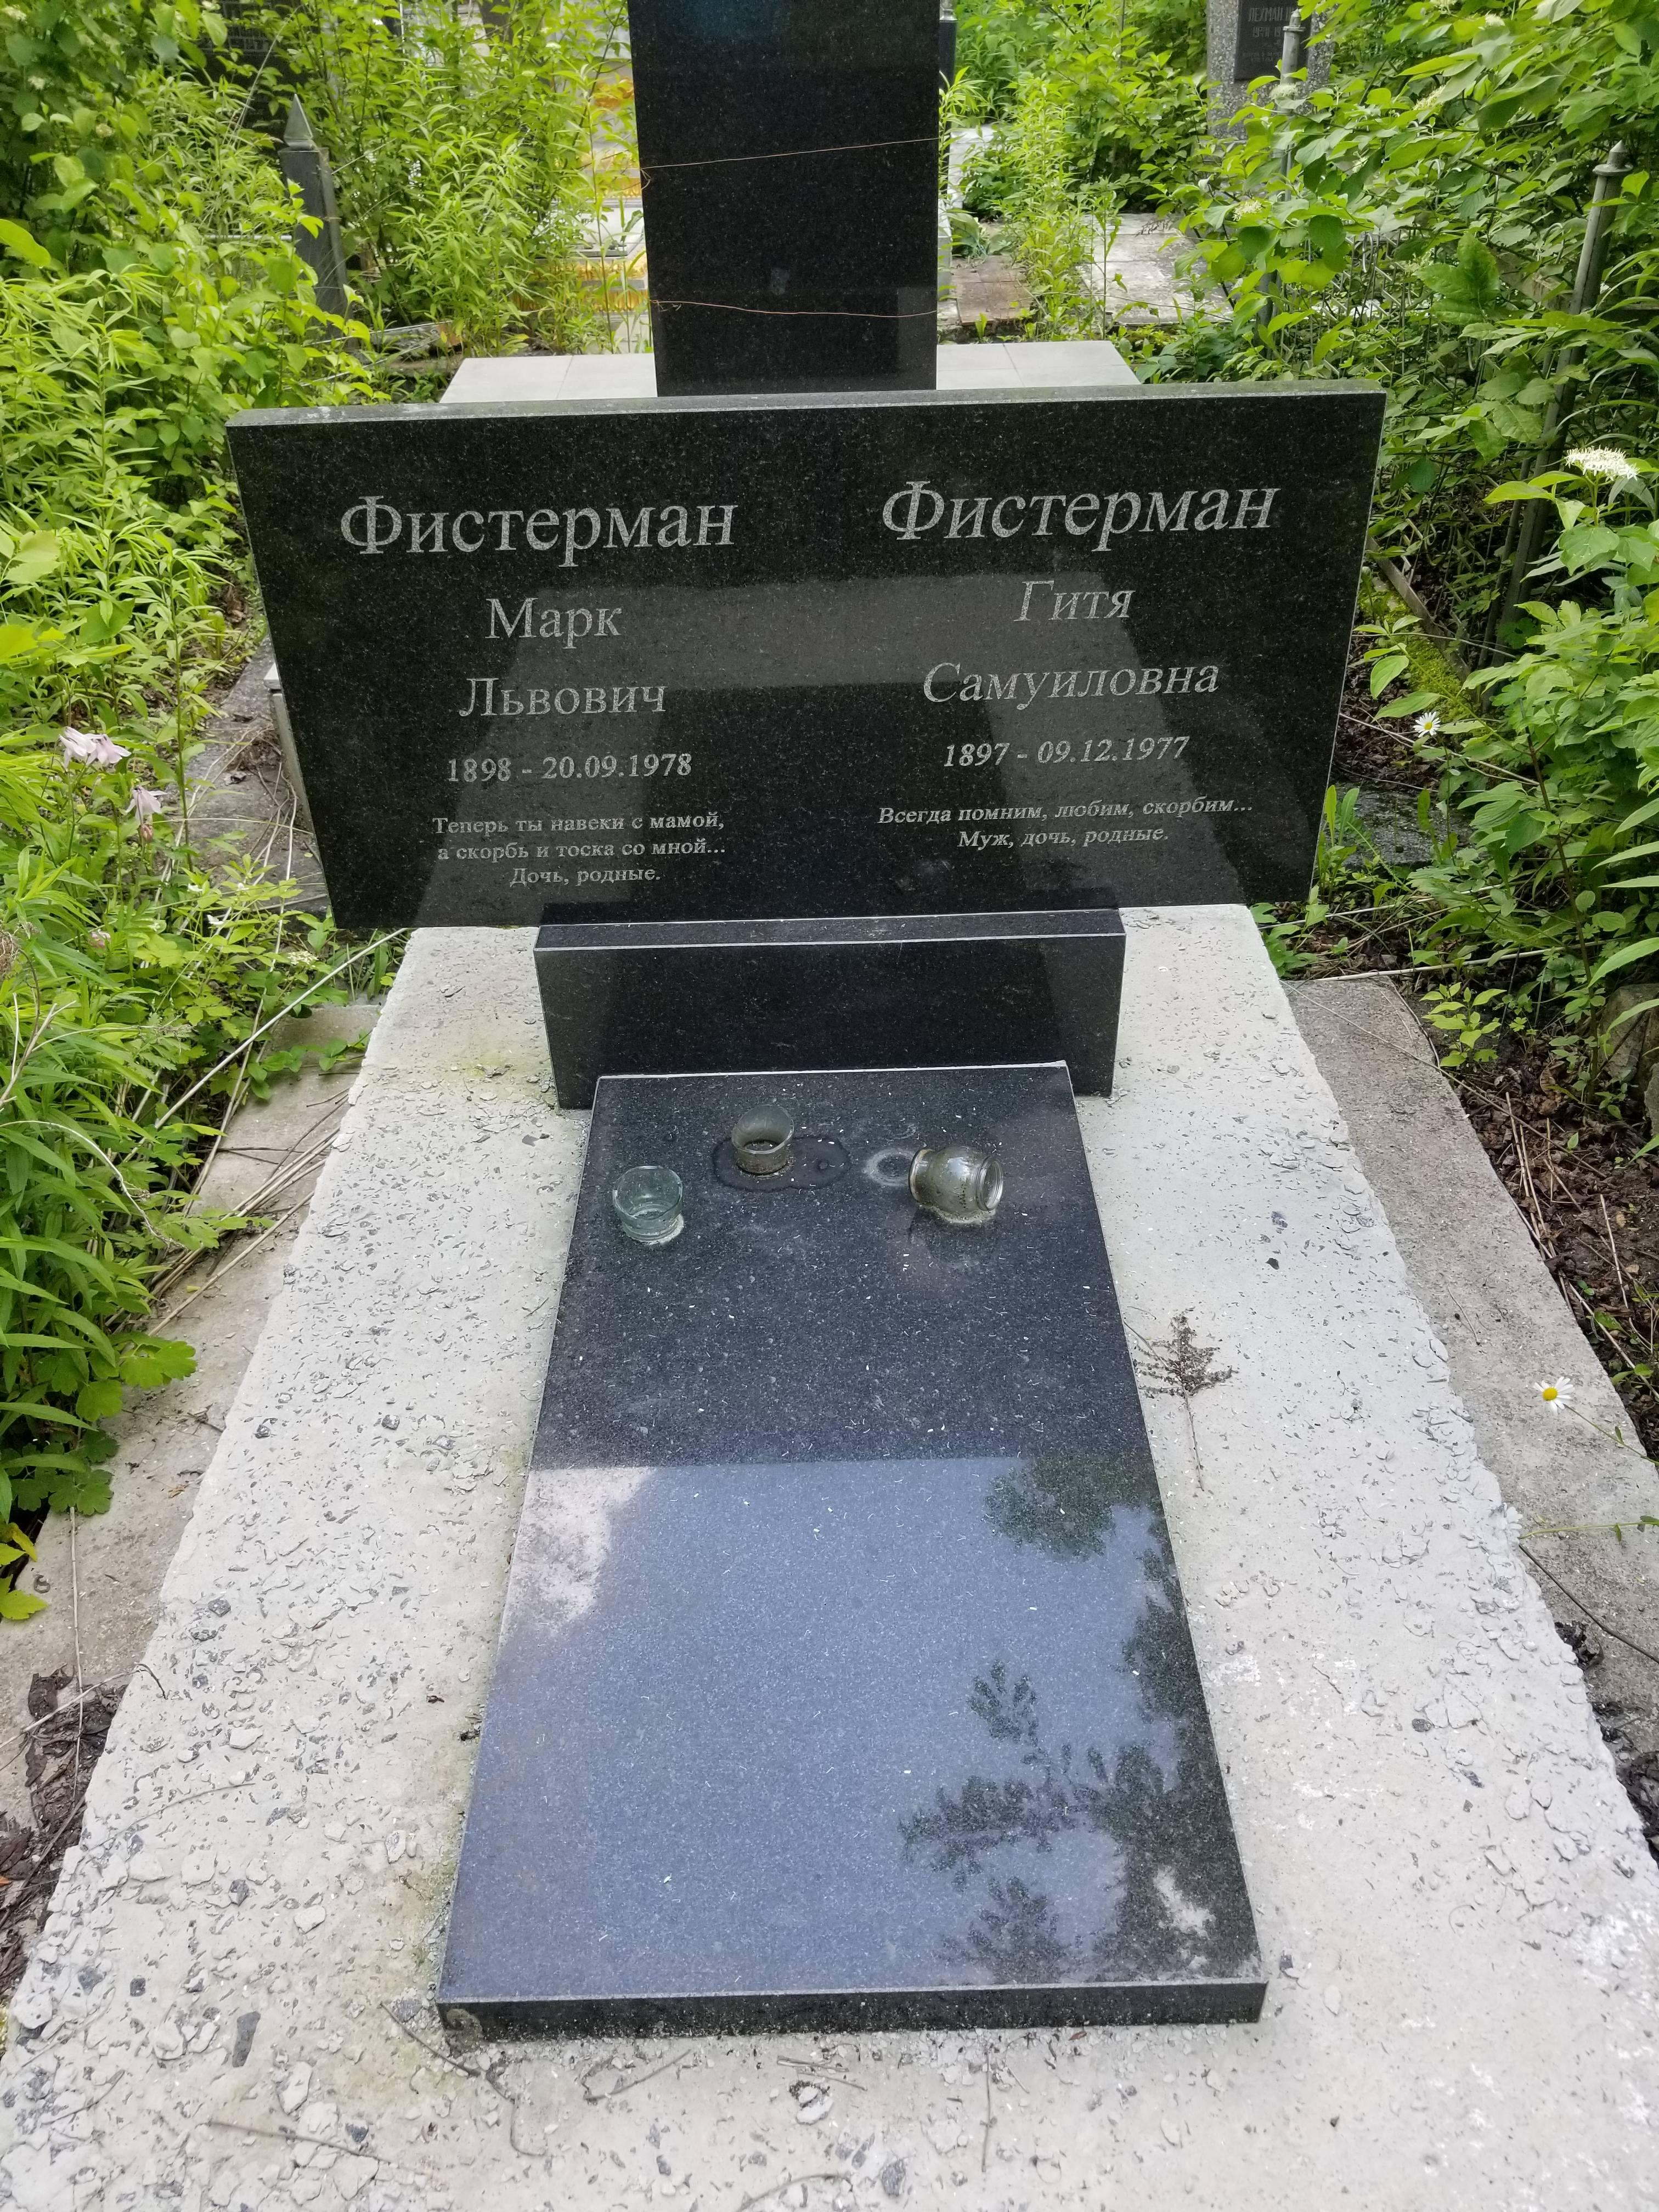 http://images.vfl.ru/ii/1626763049/154409e3/35214920.jpg